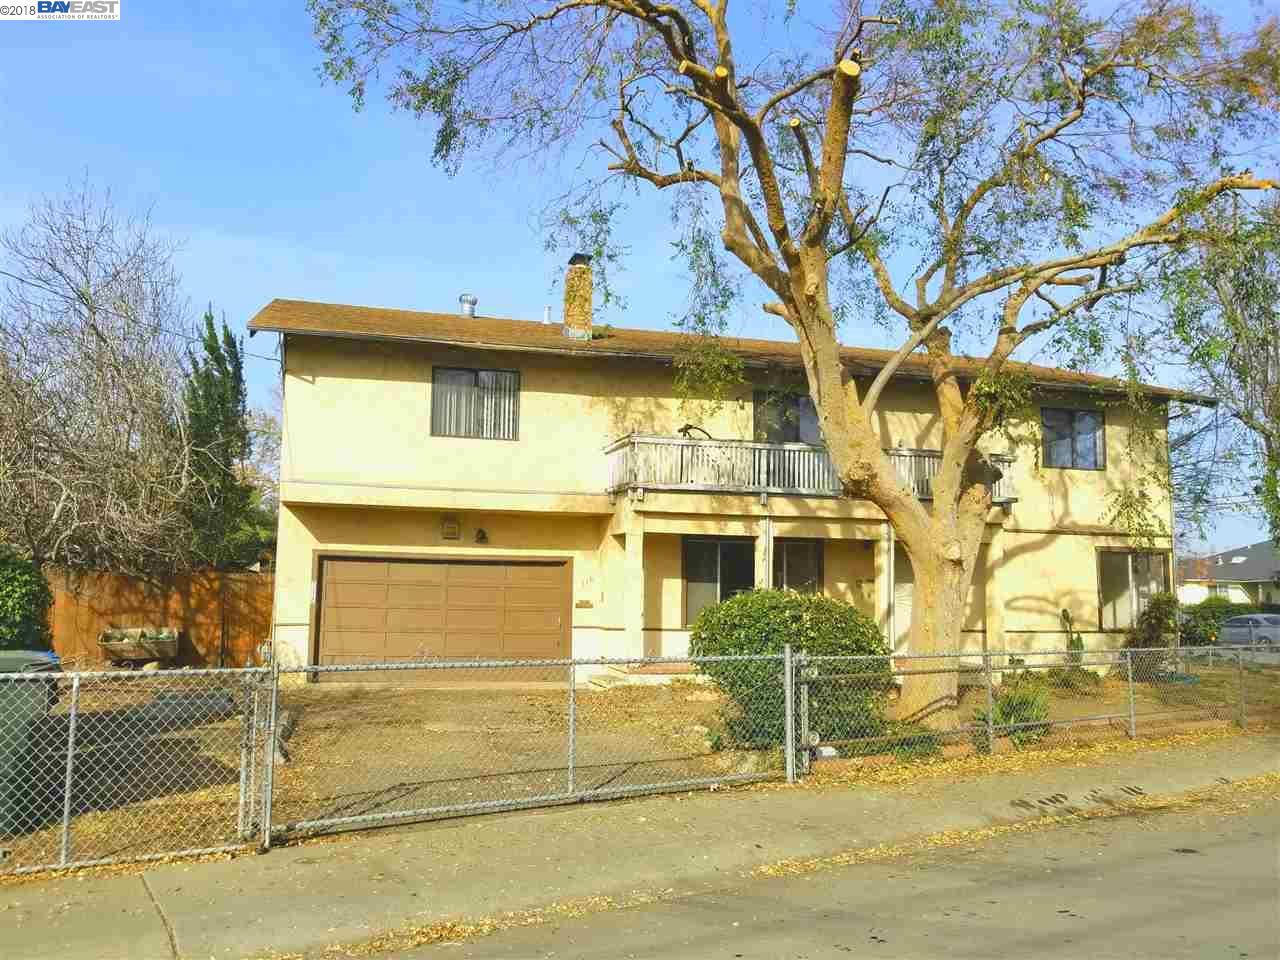 Casa Unifamiliar por un Venta en 116 Daphne Way 116 Daphne Way East Palo Alto, California 94303 Estados Unidos